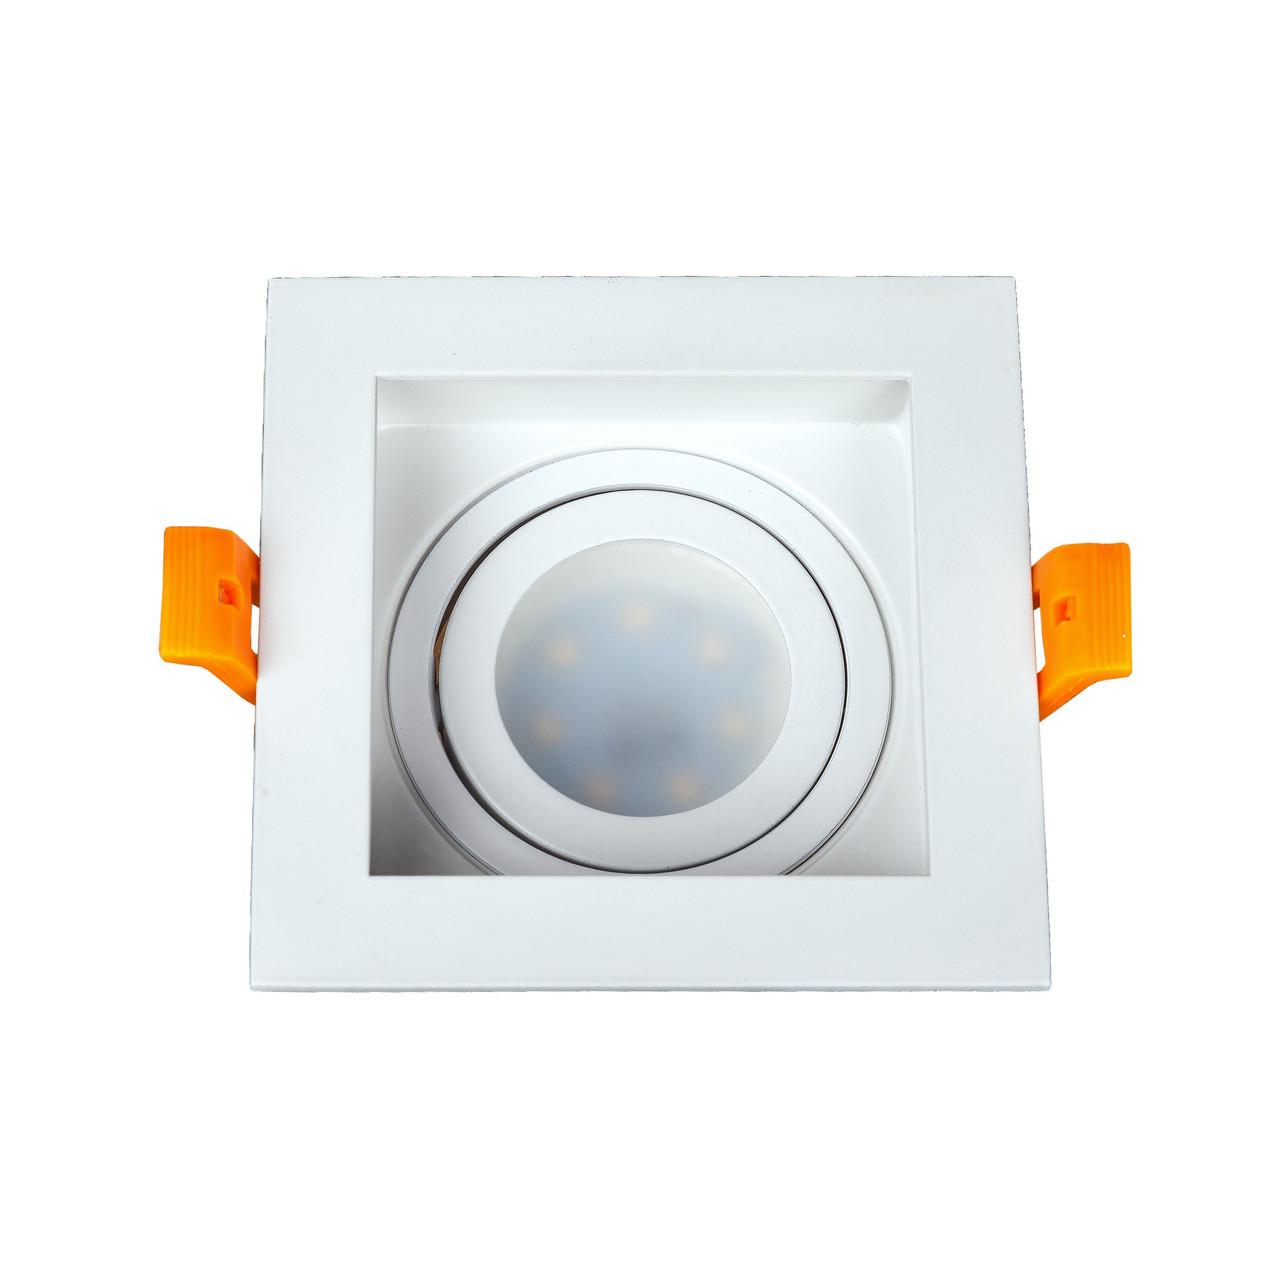 Точечный врезной светильник Levistella 9055504 WH